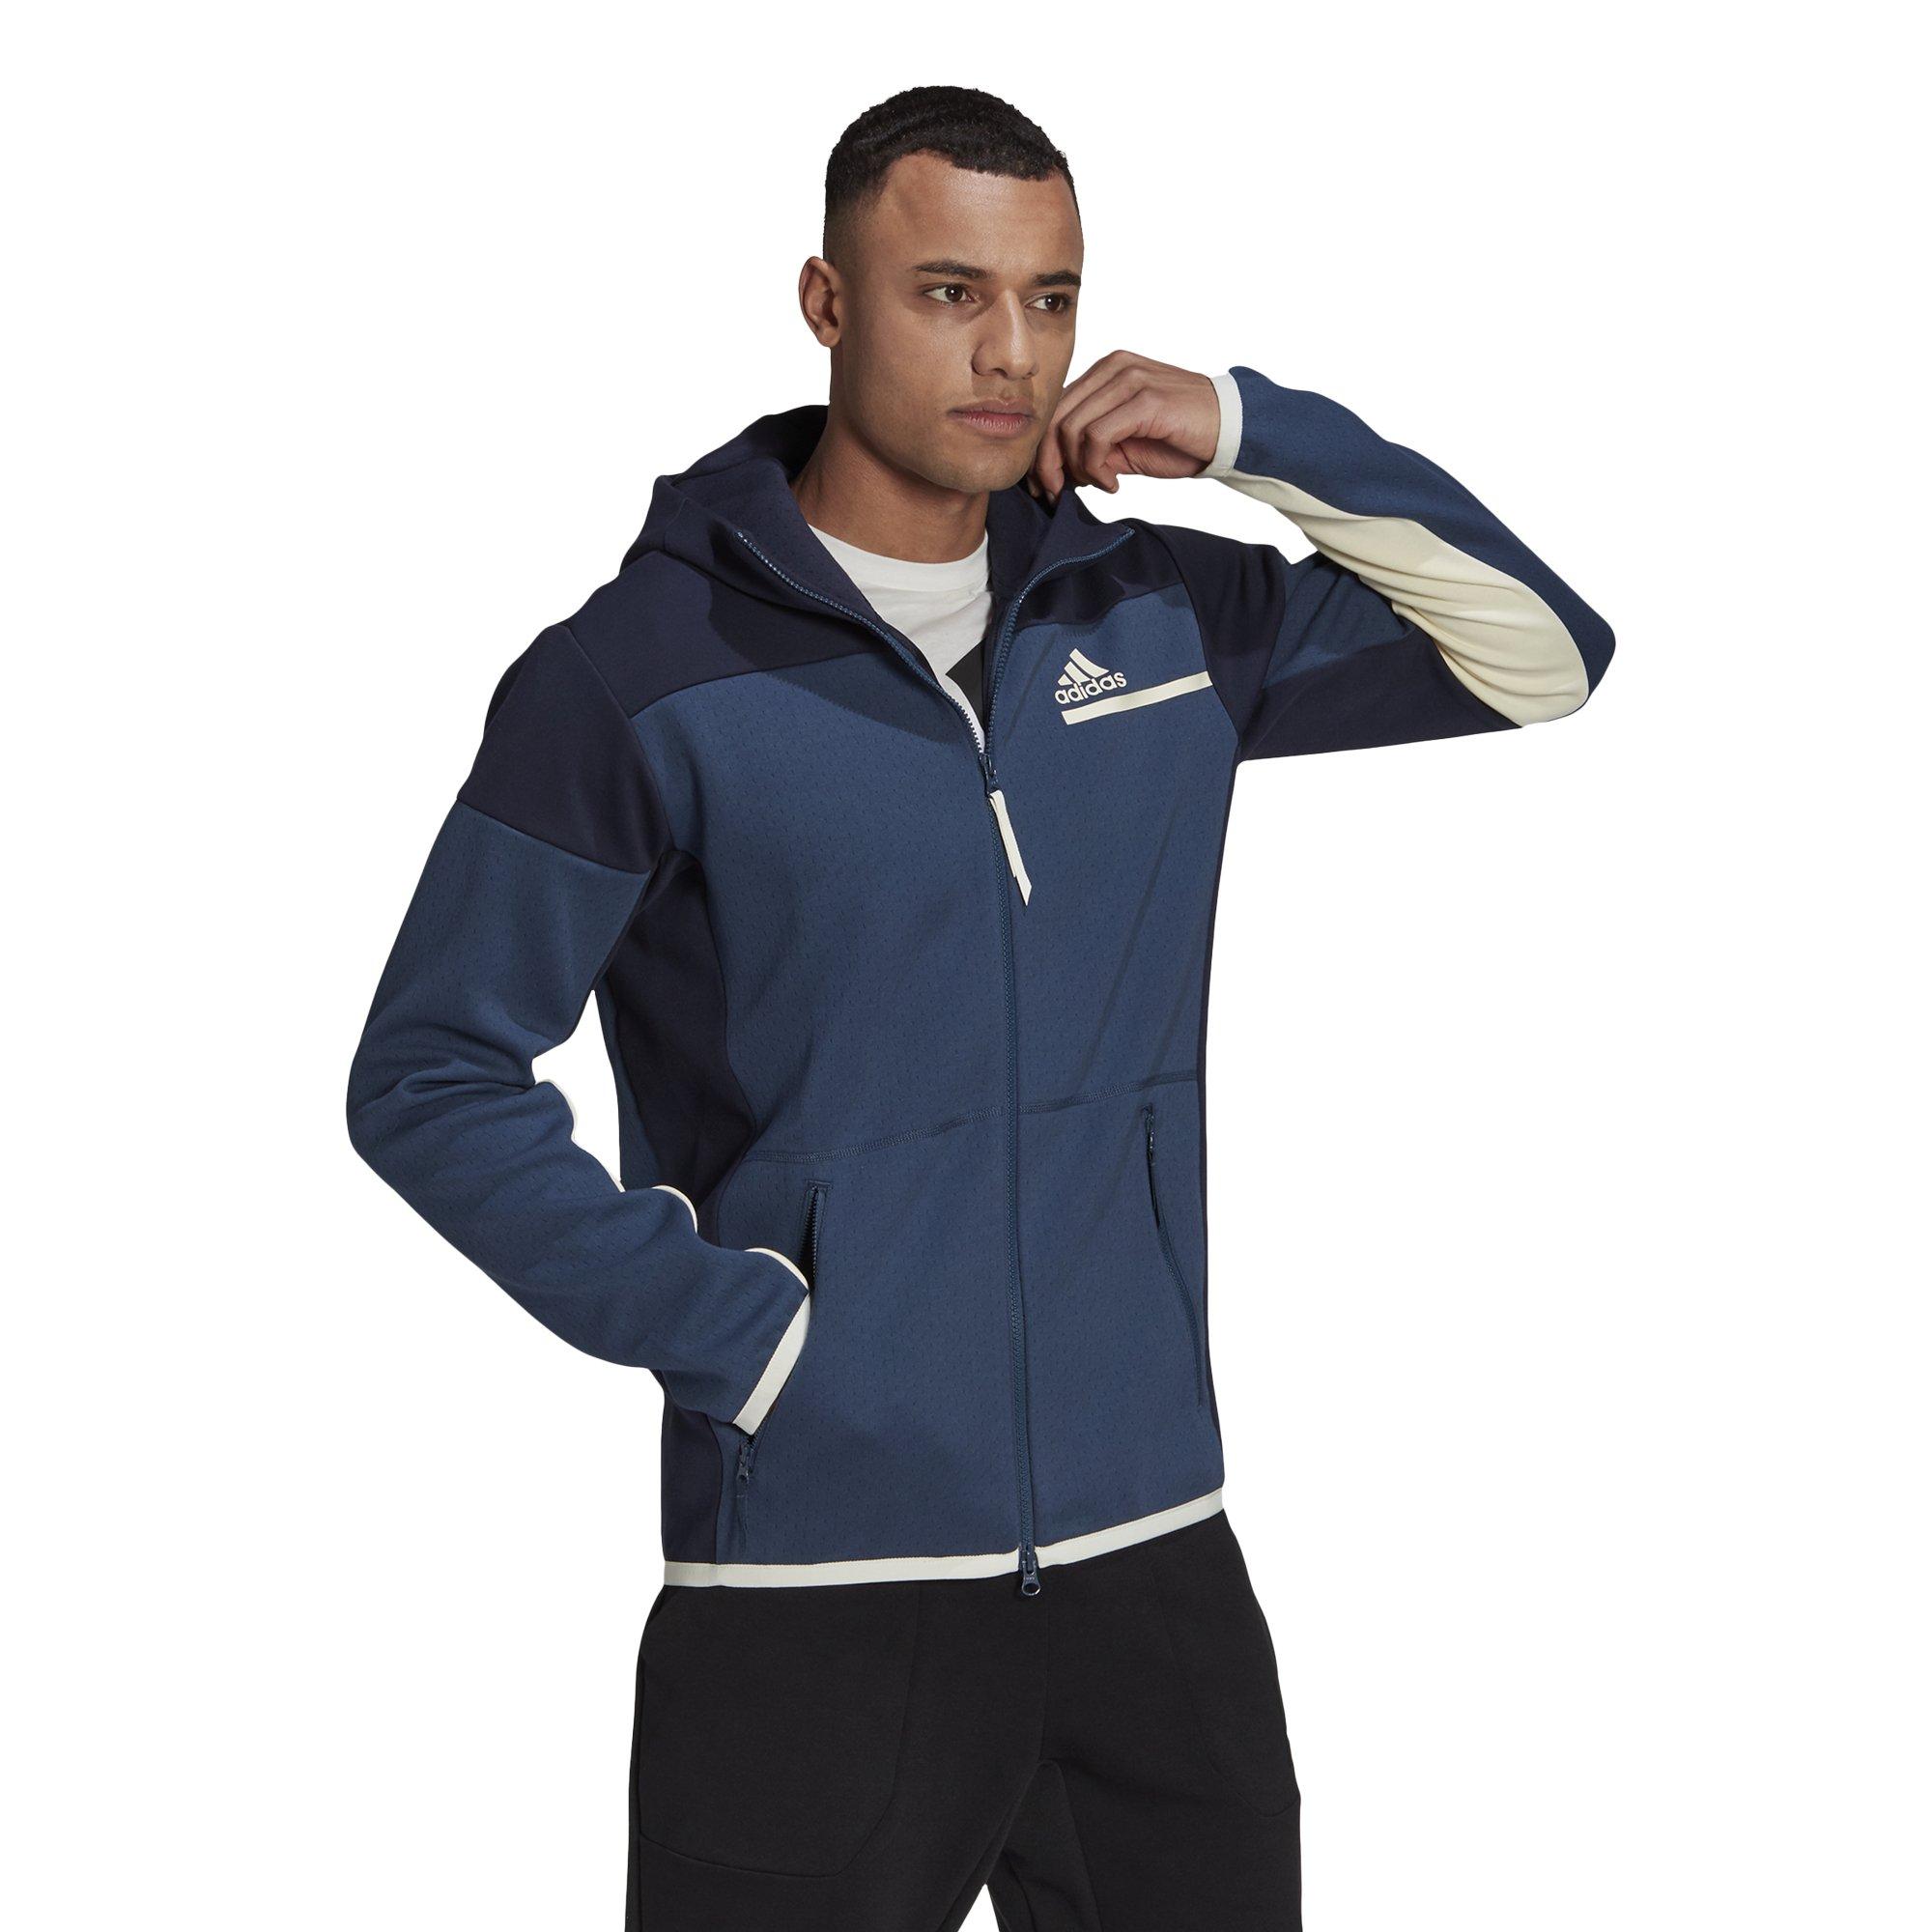 Adidas Z.N.E. Full-Zip Hoodie S